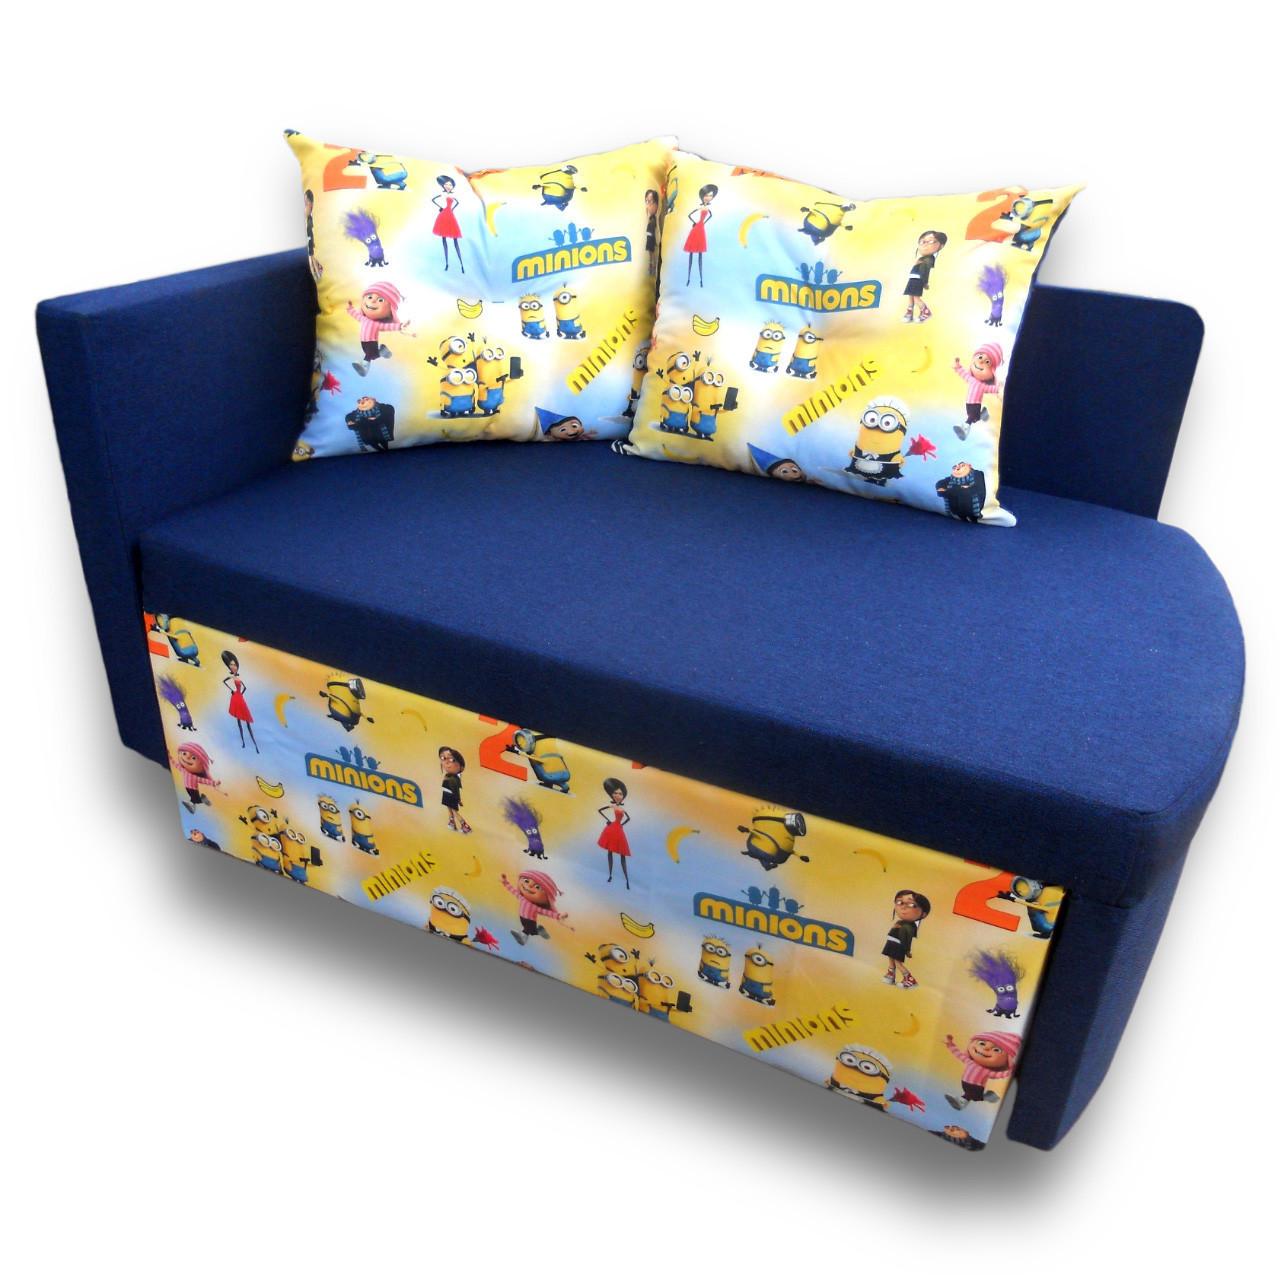 Детский диван Миньоны 90см, малютка раскладной. Диванчик со спальным местом 2 метра